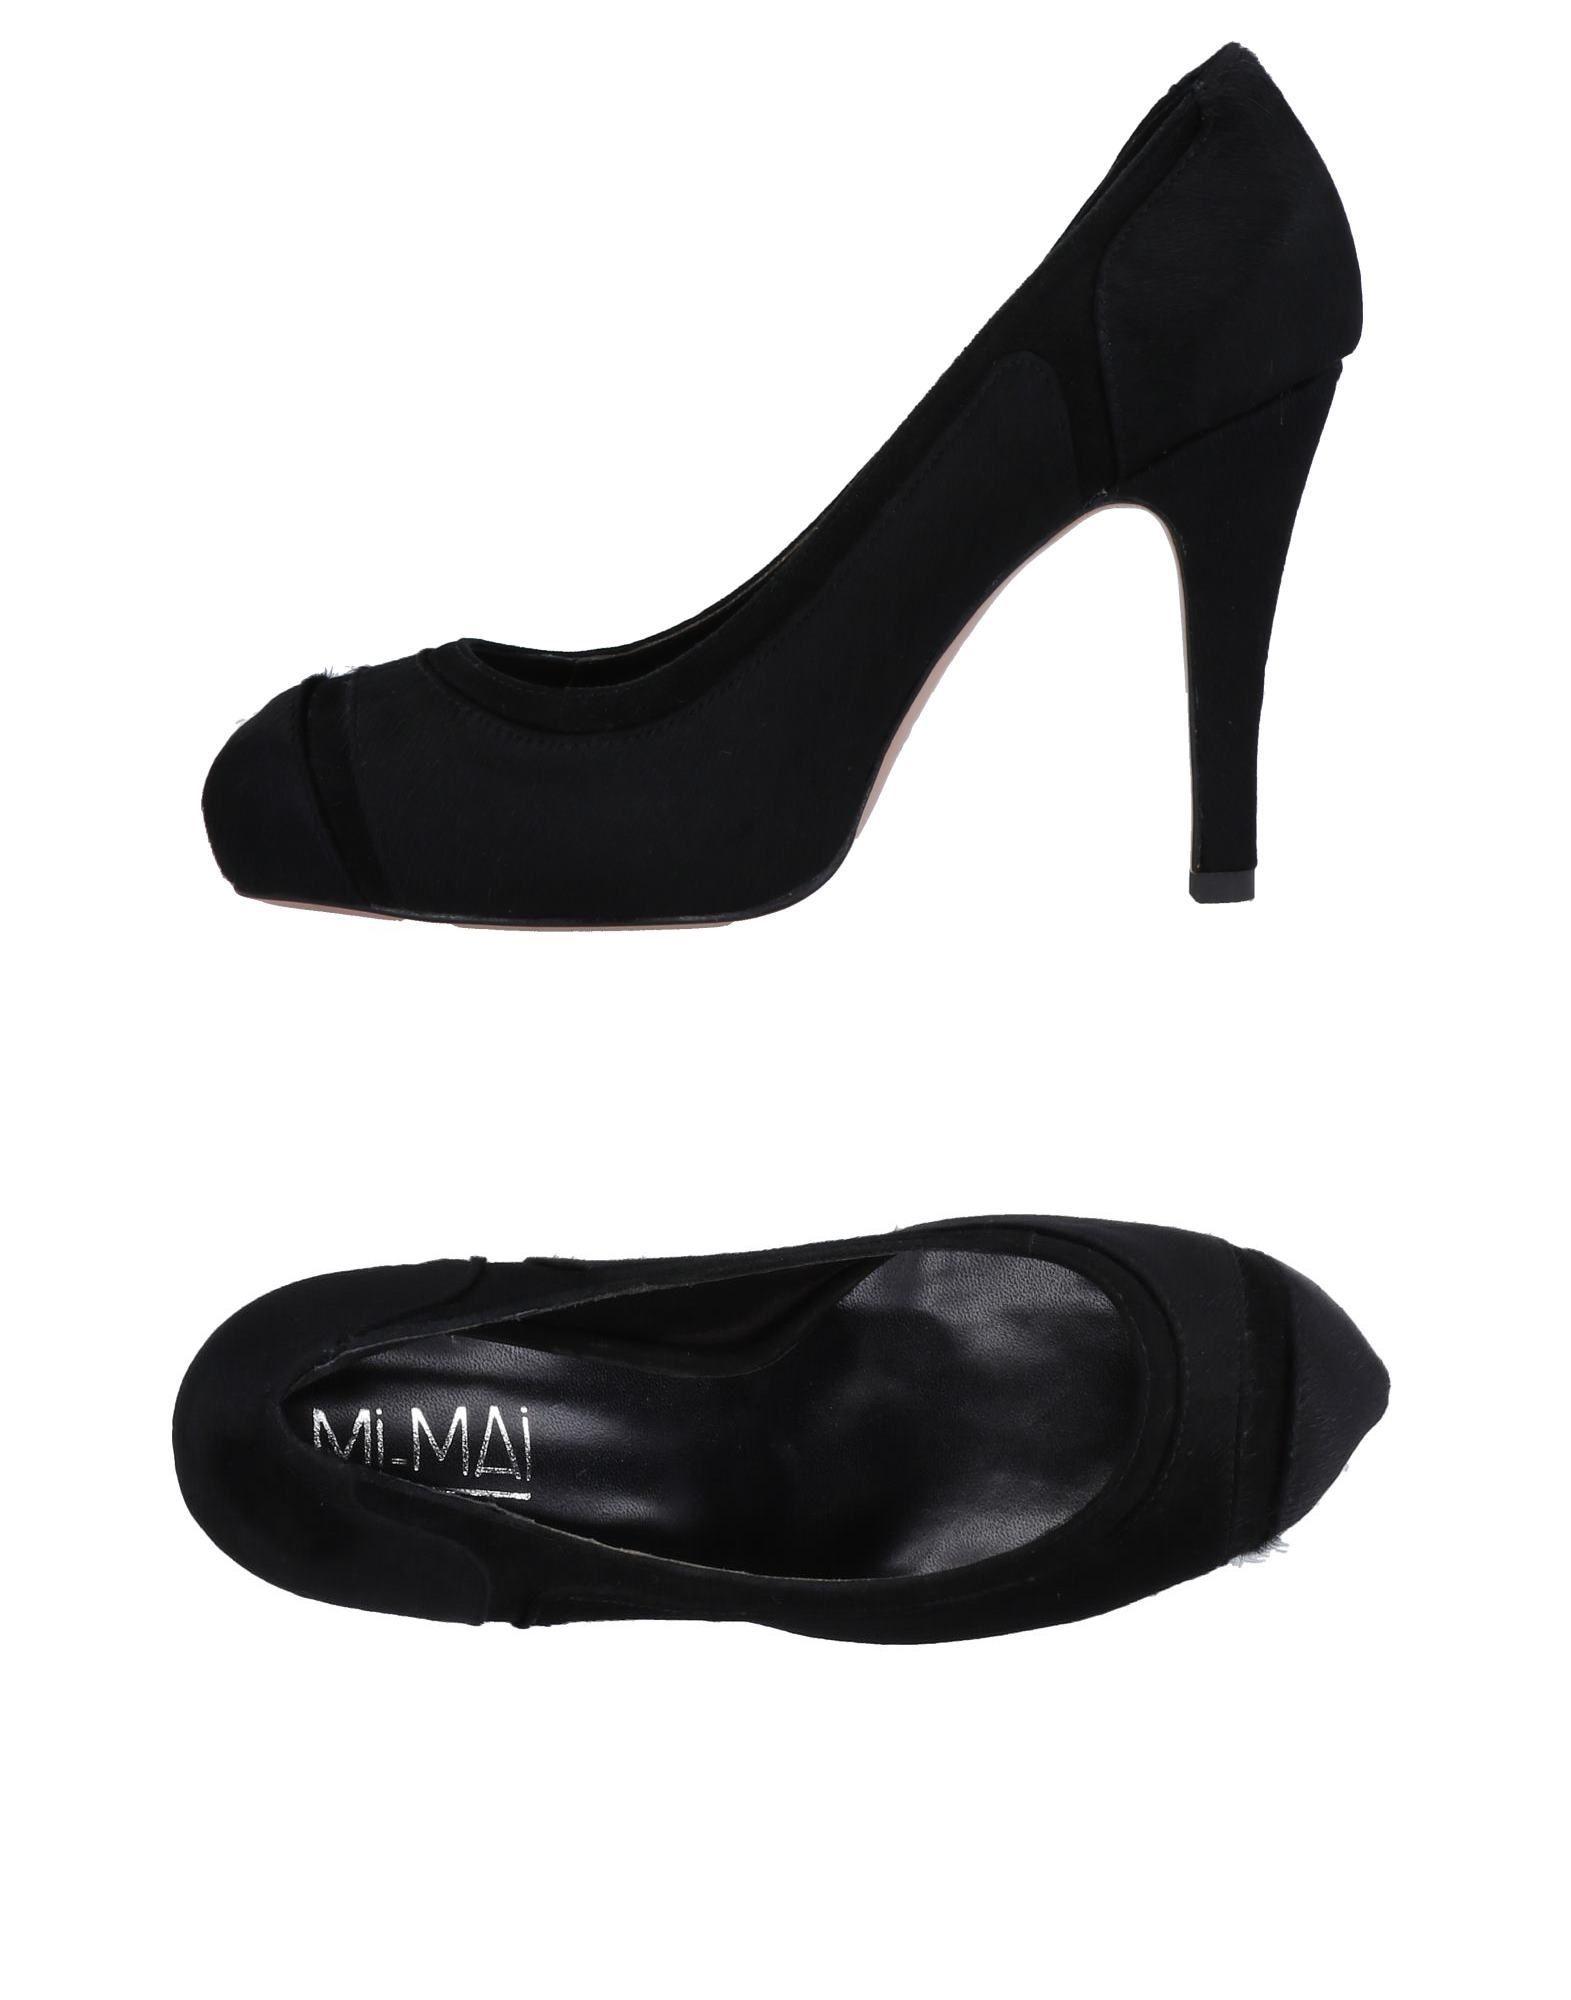 Mi/Mai Pumps Damen  11505651XS Gute Qualität beliebte Schuhe